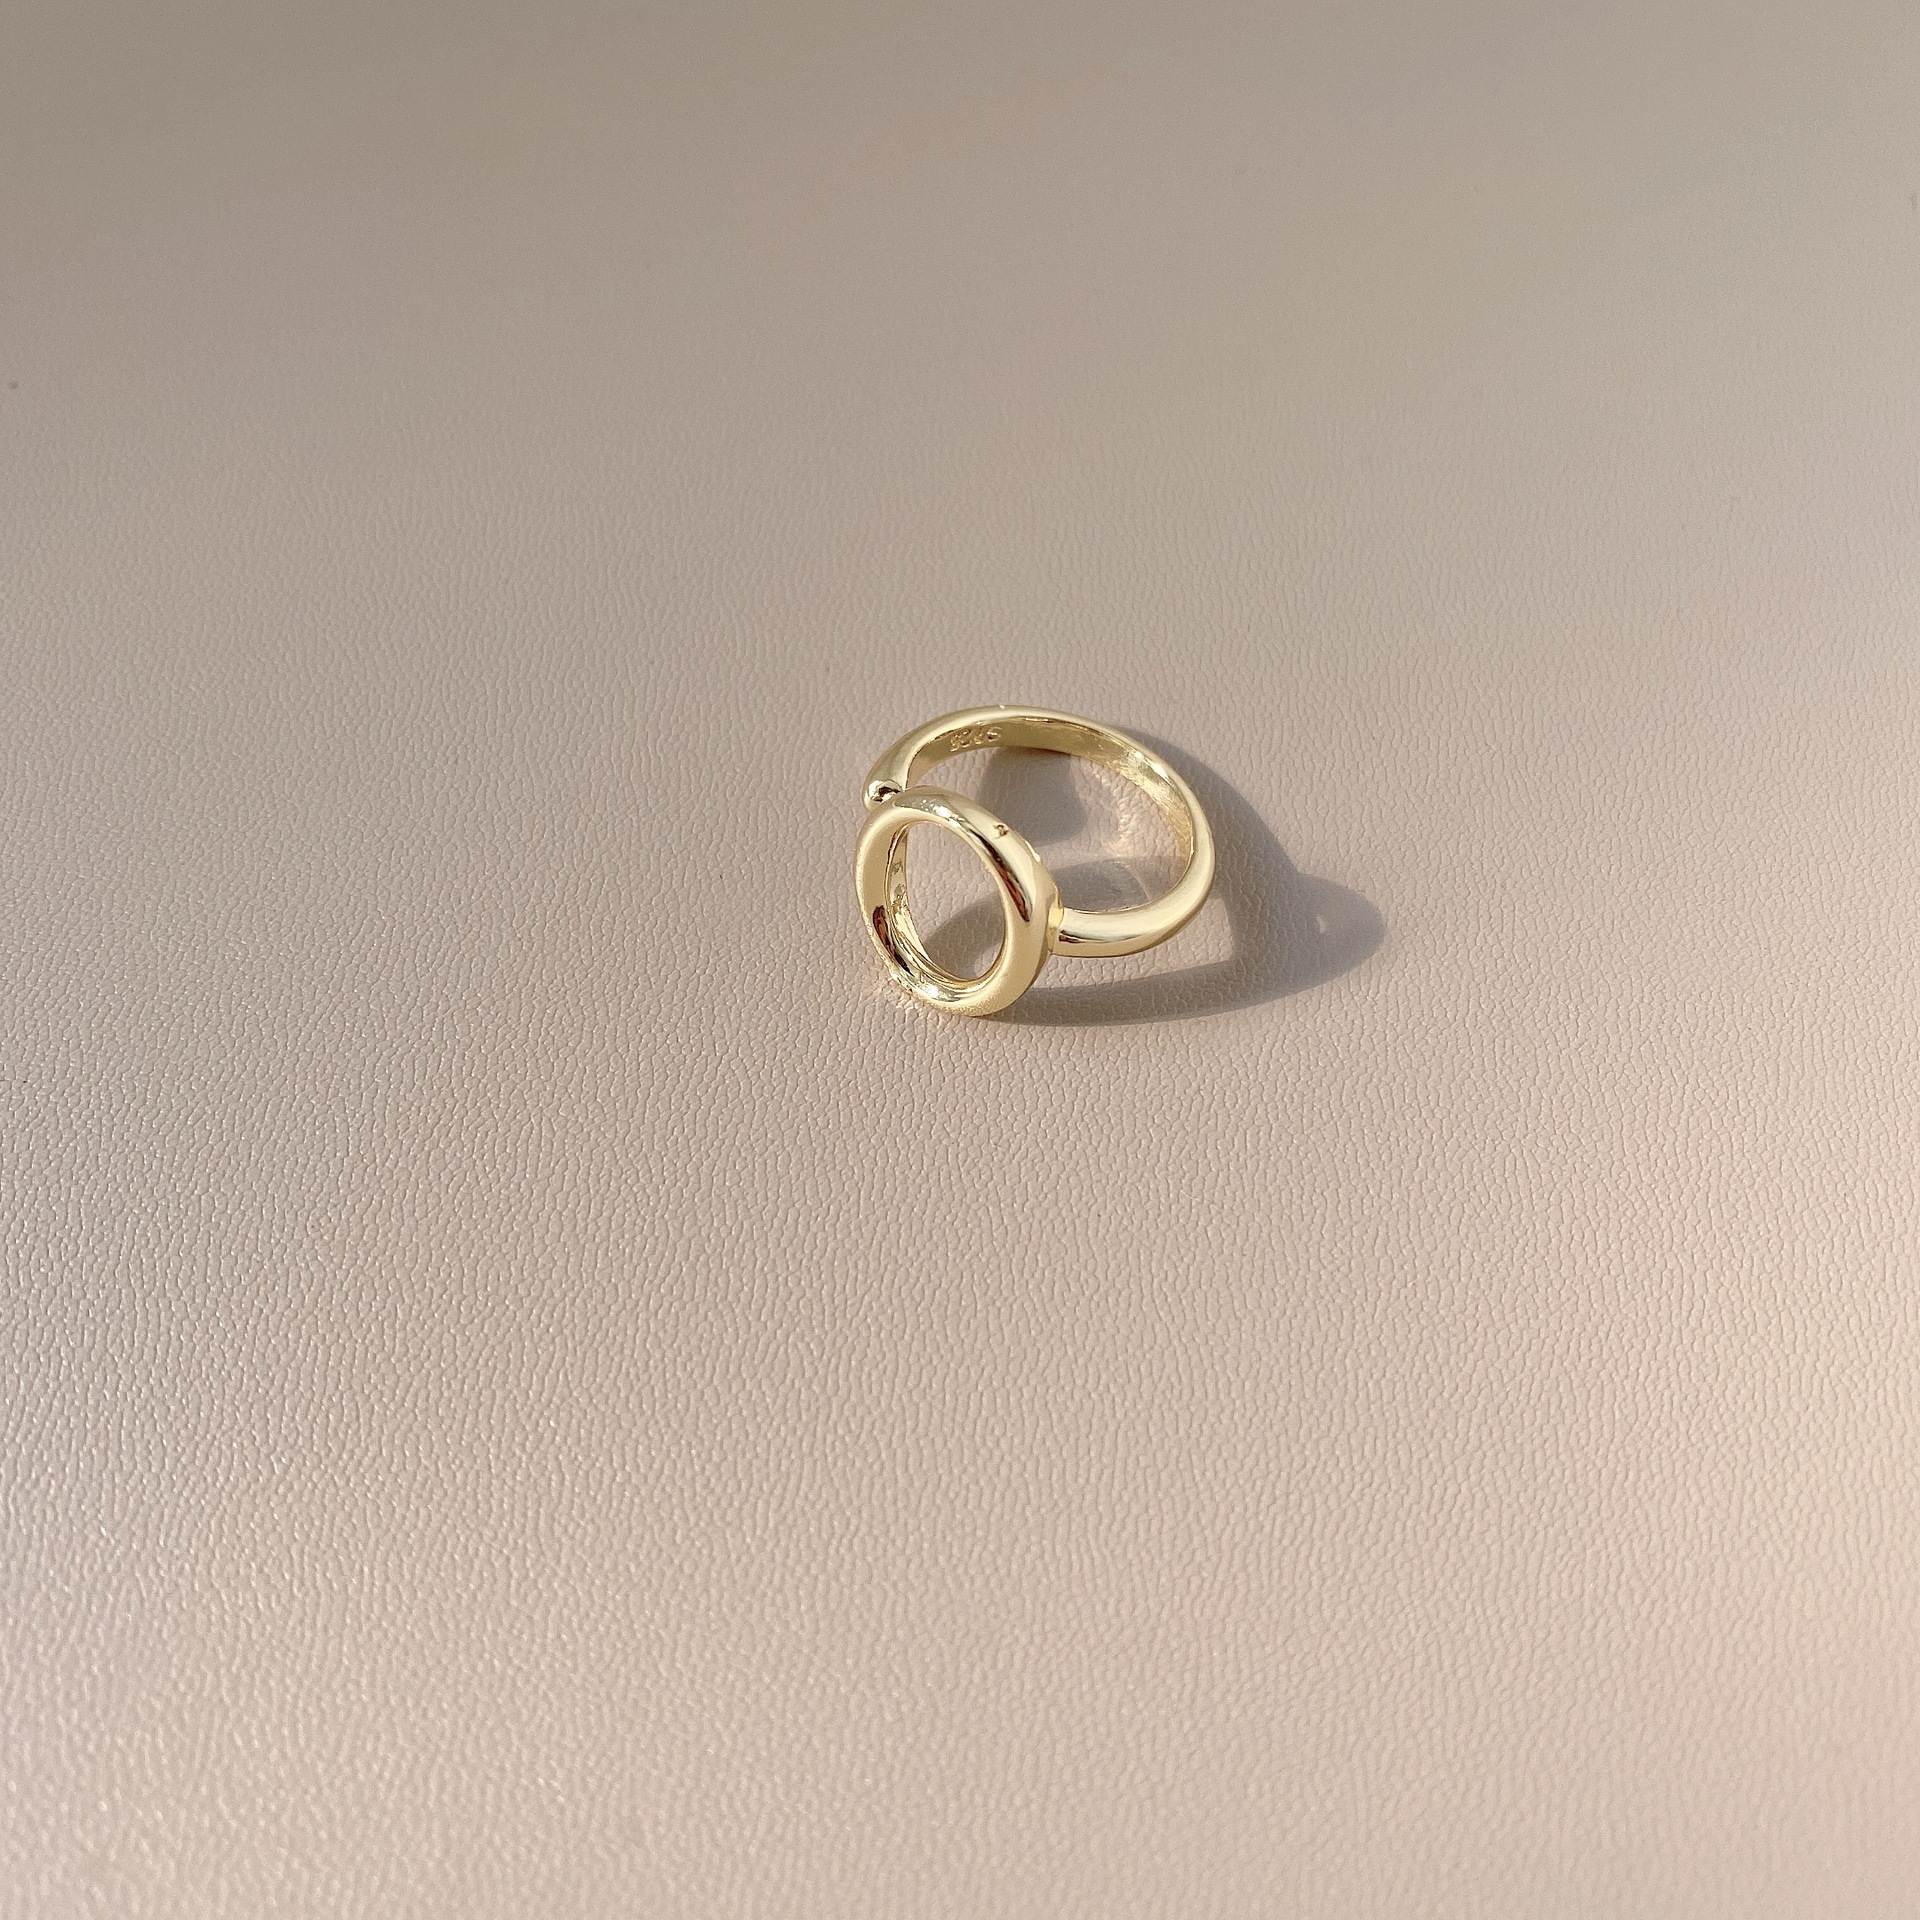 中國代購|中國批發-ibuy99|金属镂空打结开口可调节食指戒指女ins潮日系轻奢小众设计感指环